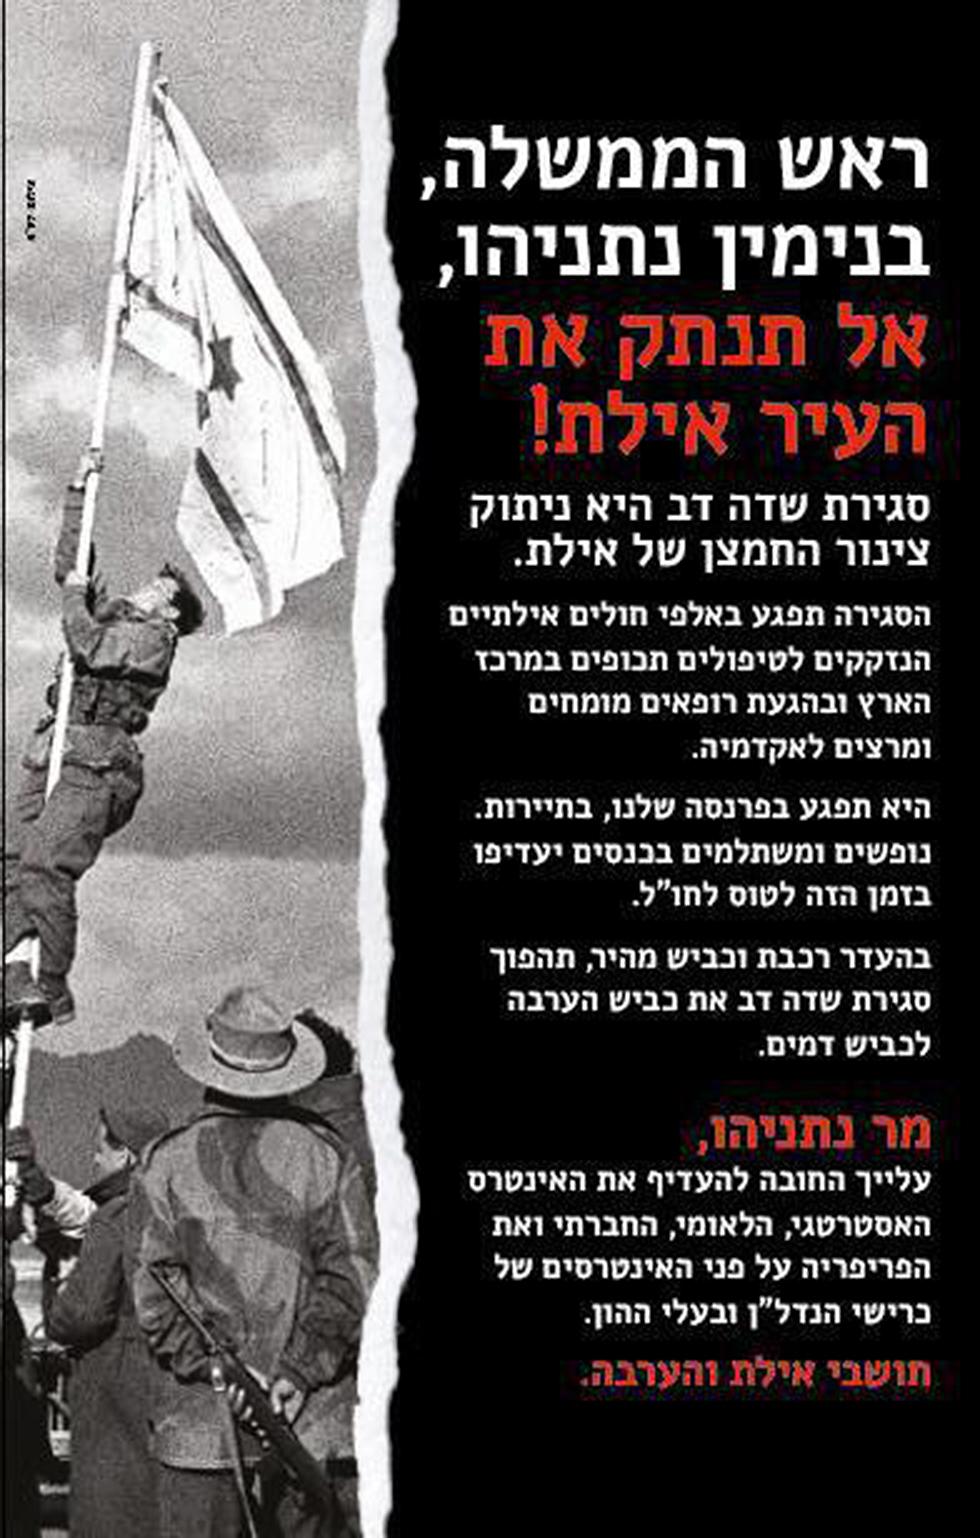 מודעה על סגירת העיר אילת במסגרת מחאה על סגירת שדה דב ()